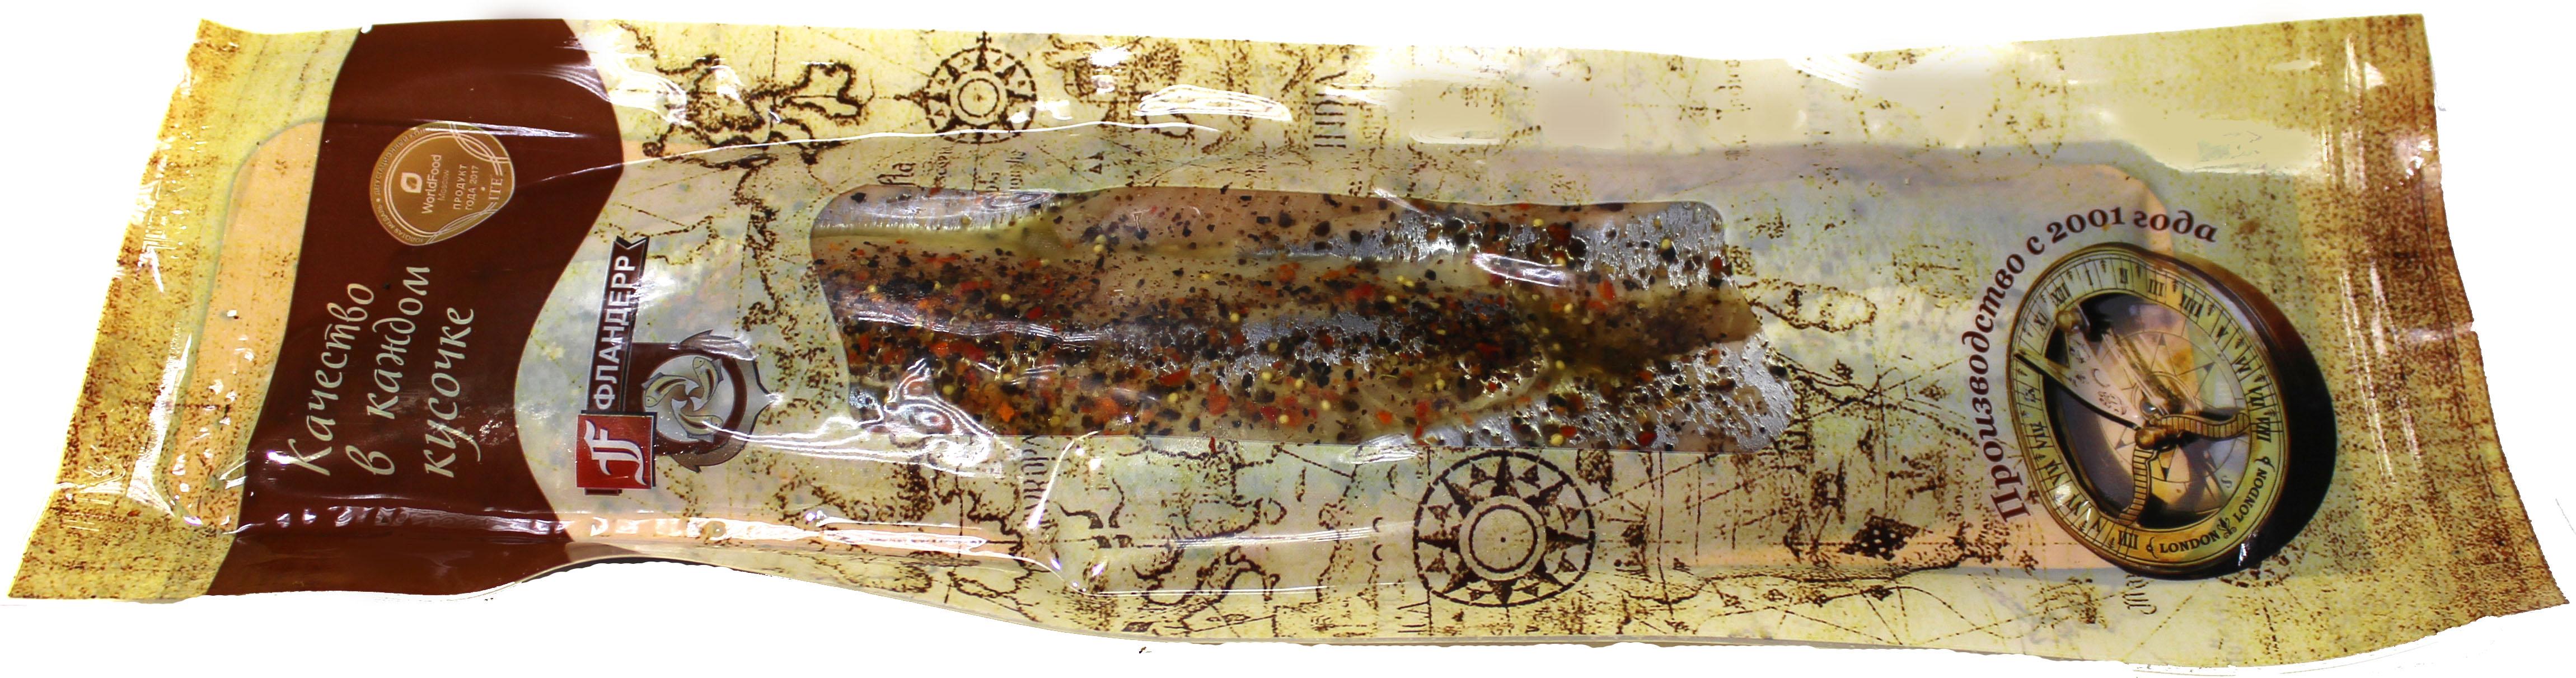 Сельдь филе с пряностями 250 г Image